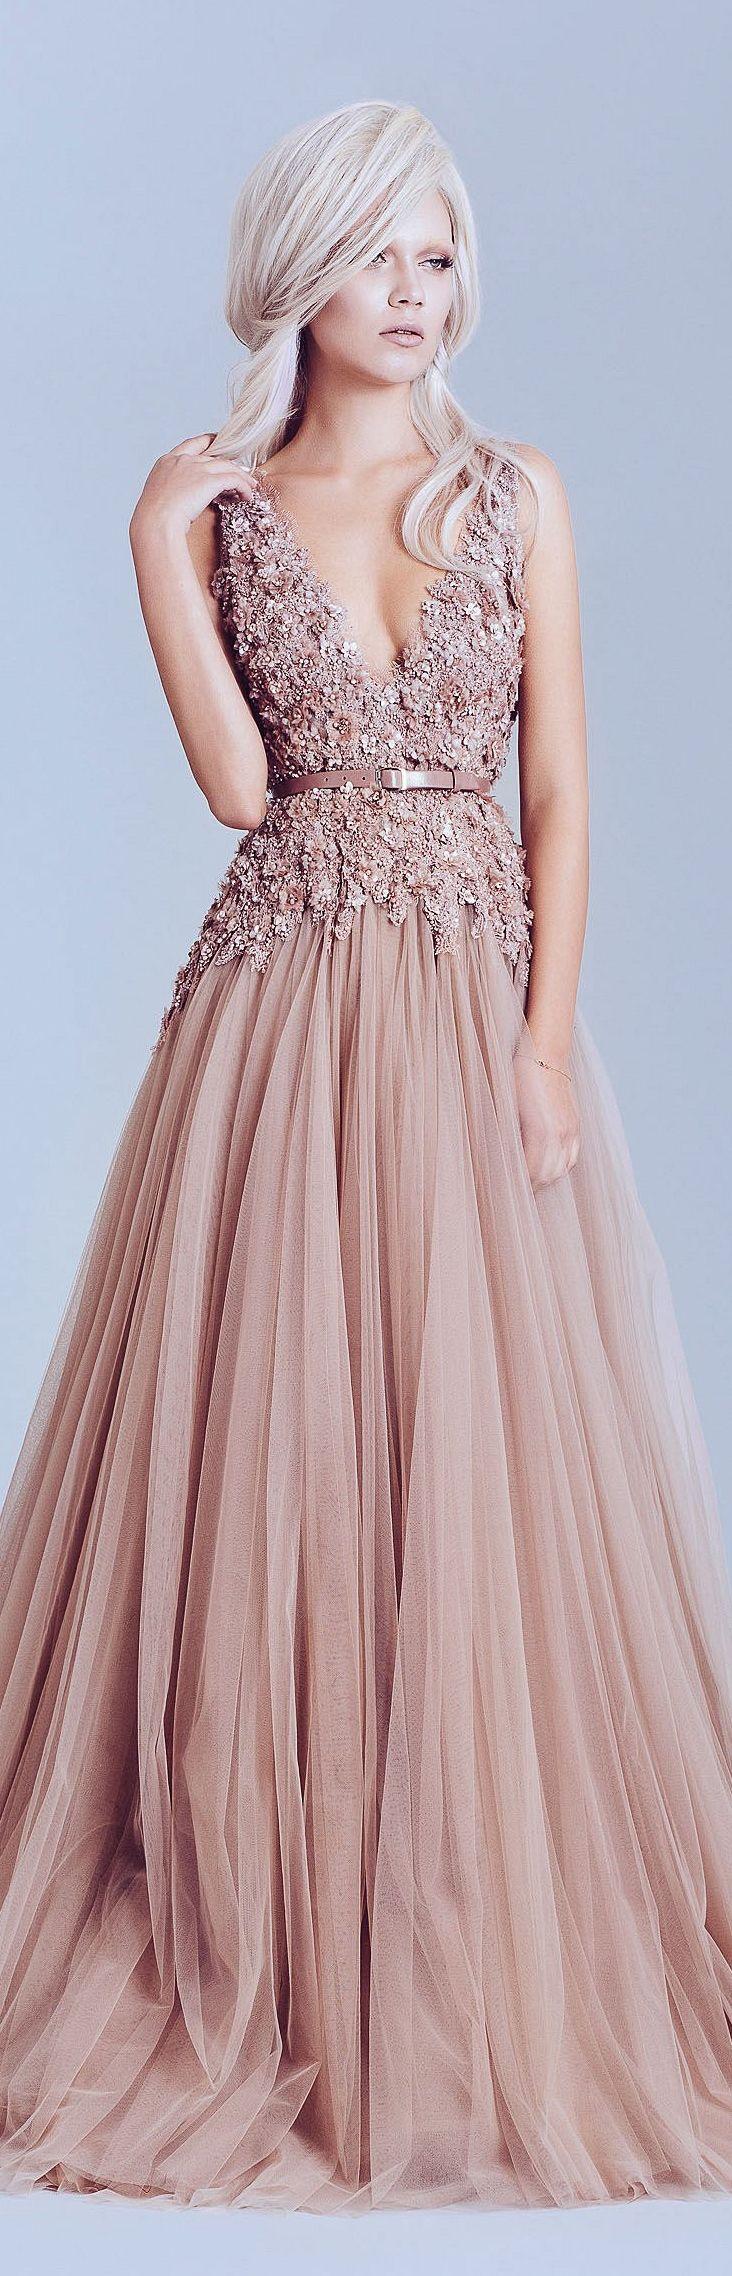 Alfazairy Couture S S 2015 Ongelooflik Mooi Nee Nee Nee Soek Dit Looooove Die Kleur Gowns Prom Dresses Long Beautiful Gowns [ 2276 x 732 Pixel ]